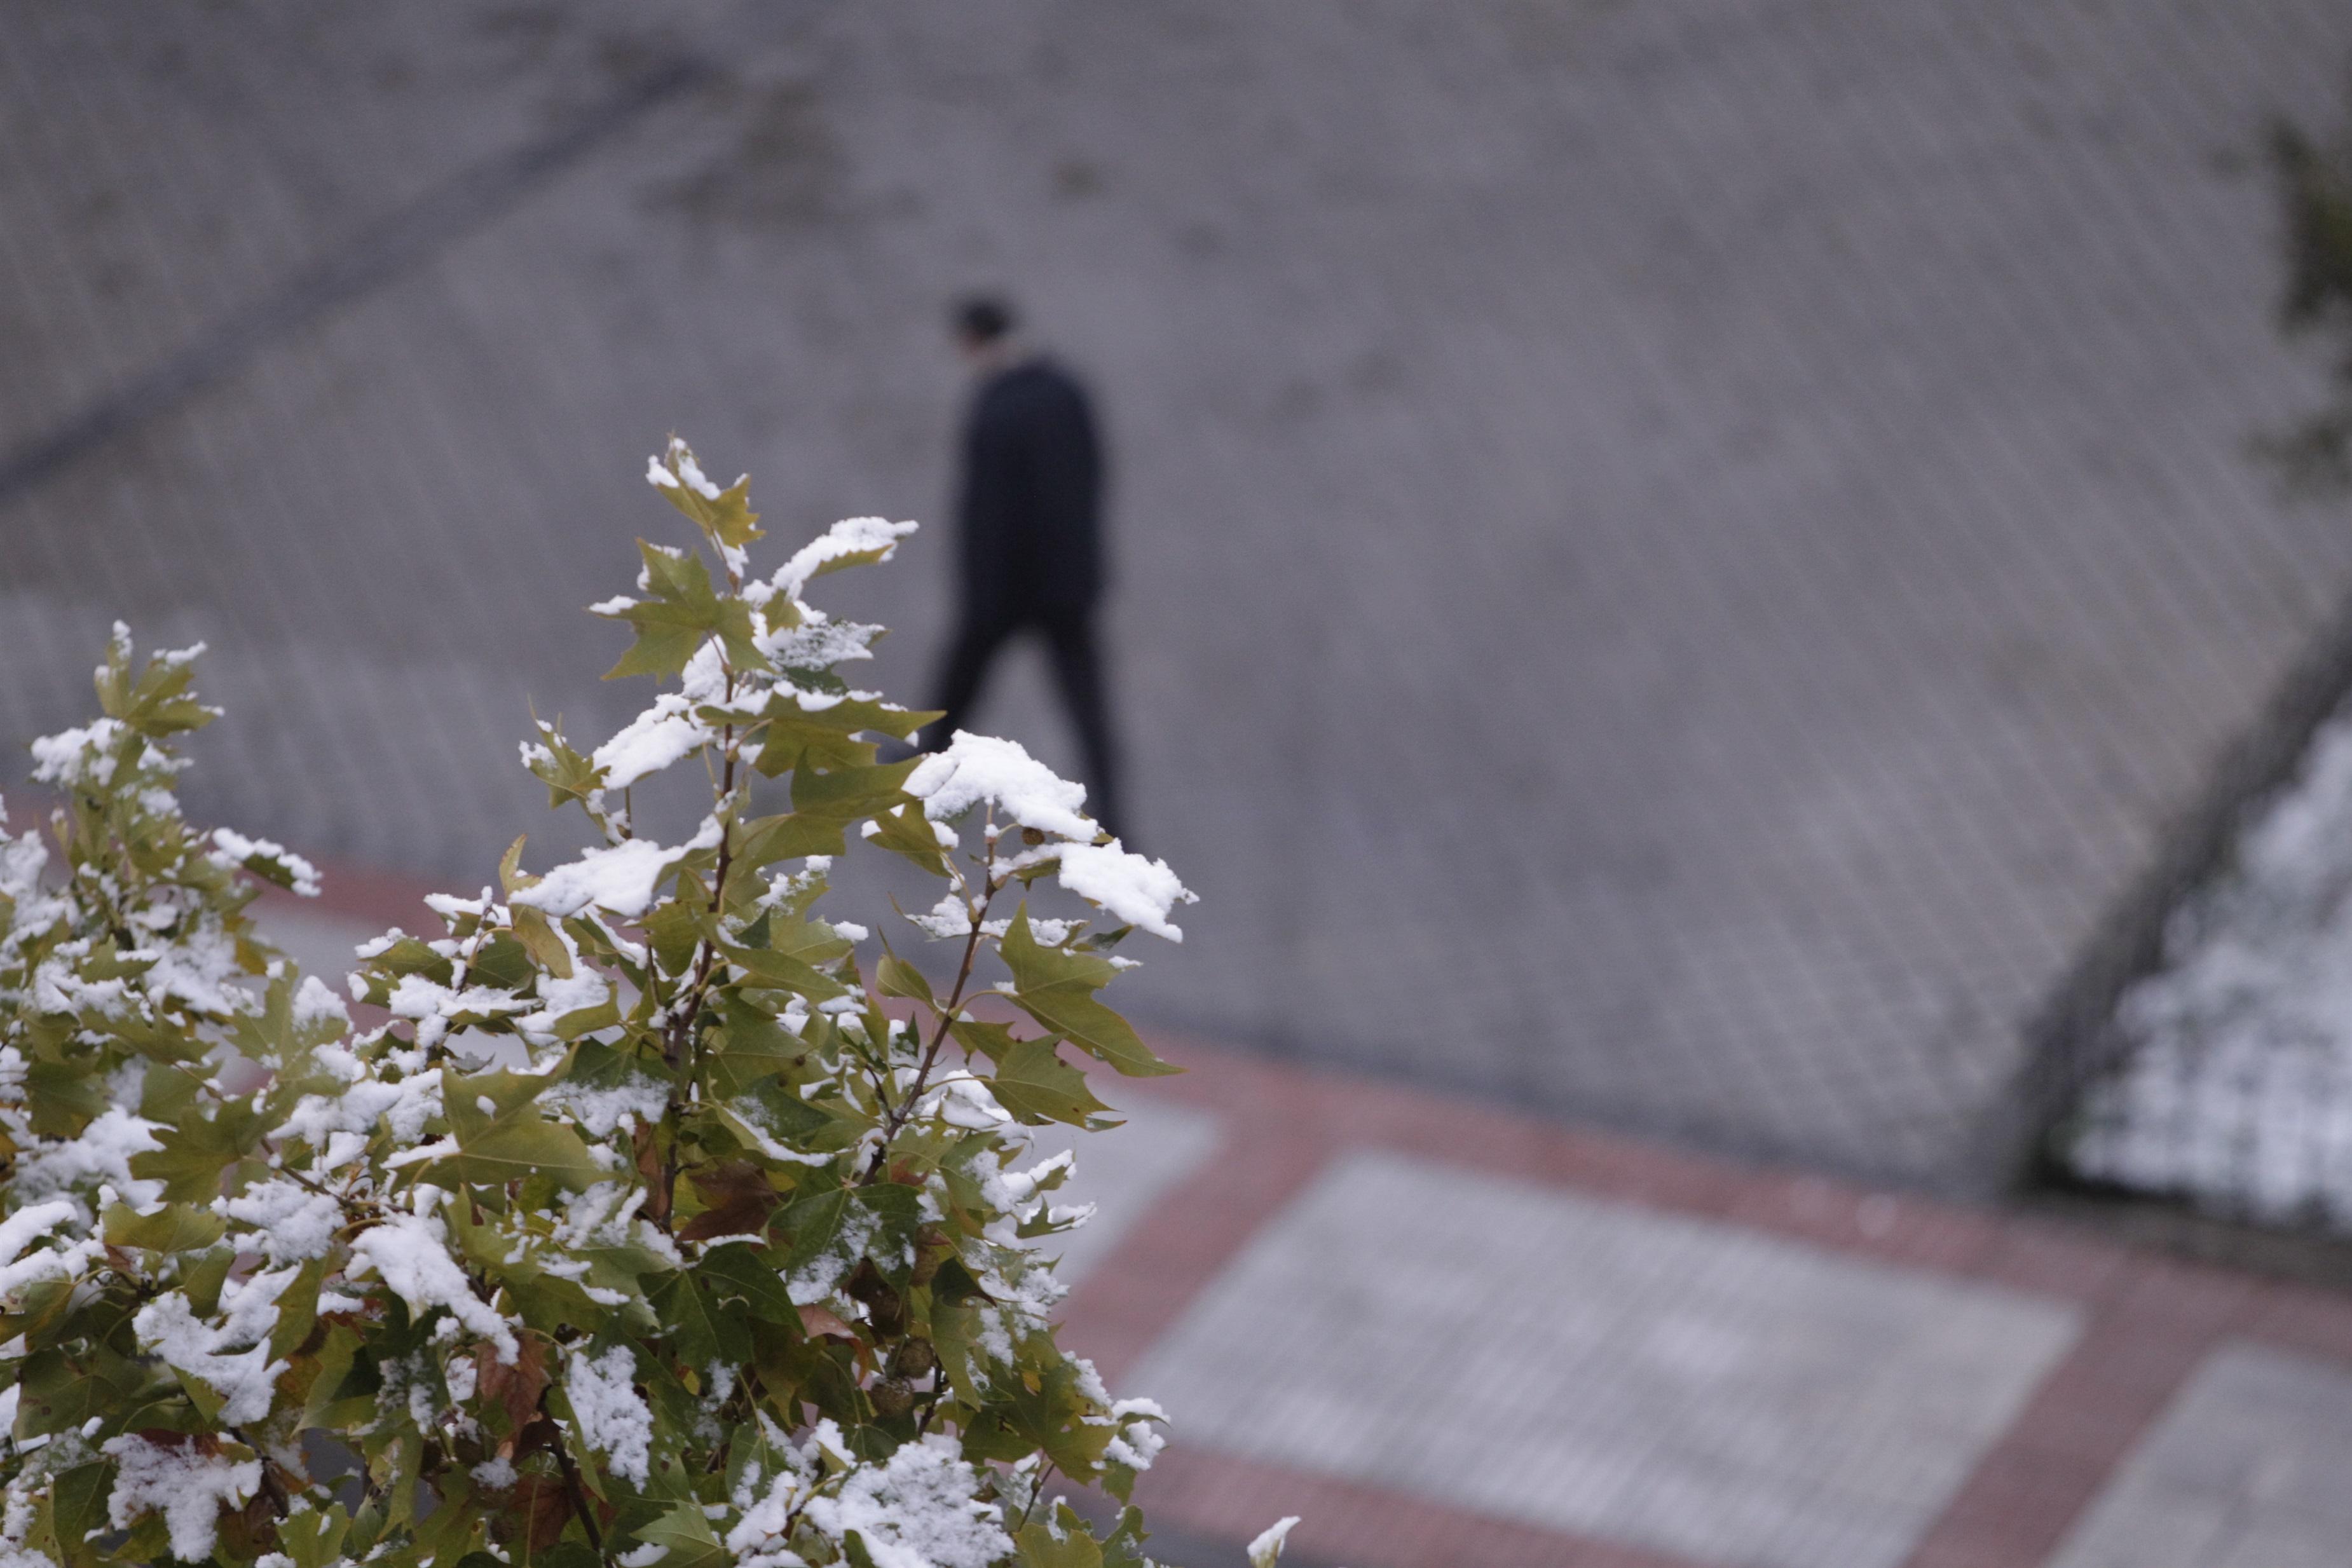 Activado el Plan de Inclemencias Ambientales por previsión de nieve en la sierra para este miércoles, día de Navidad